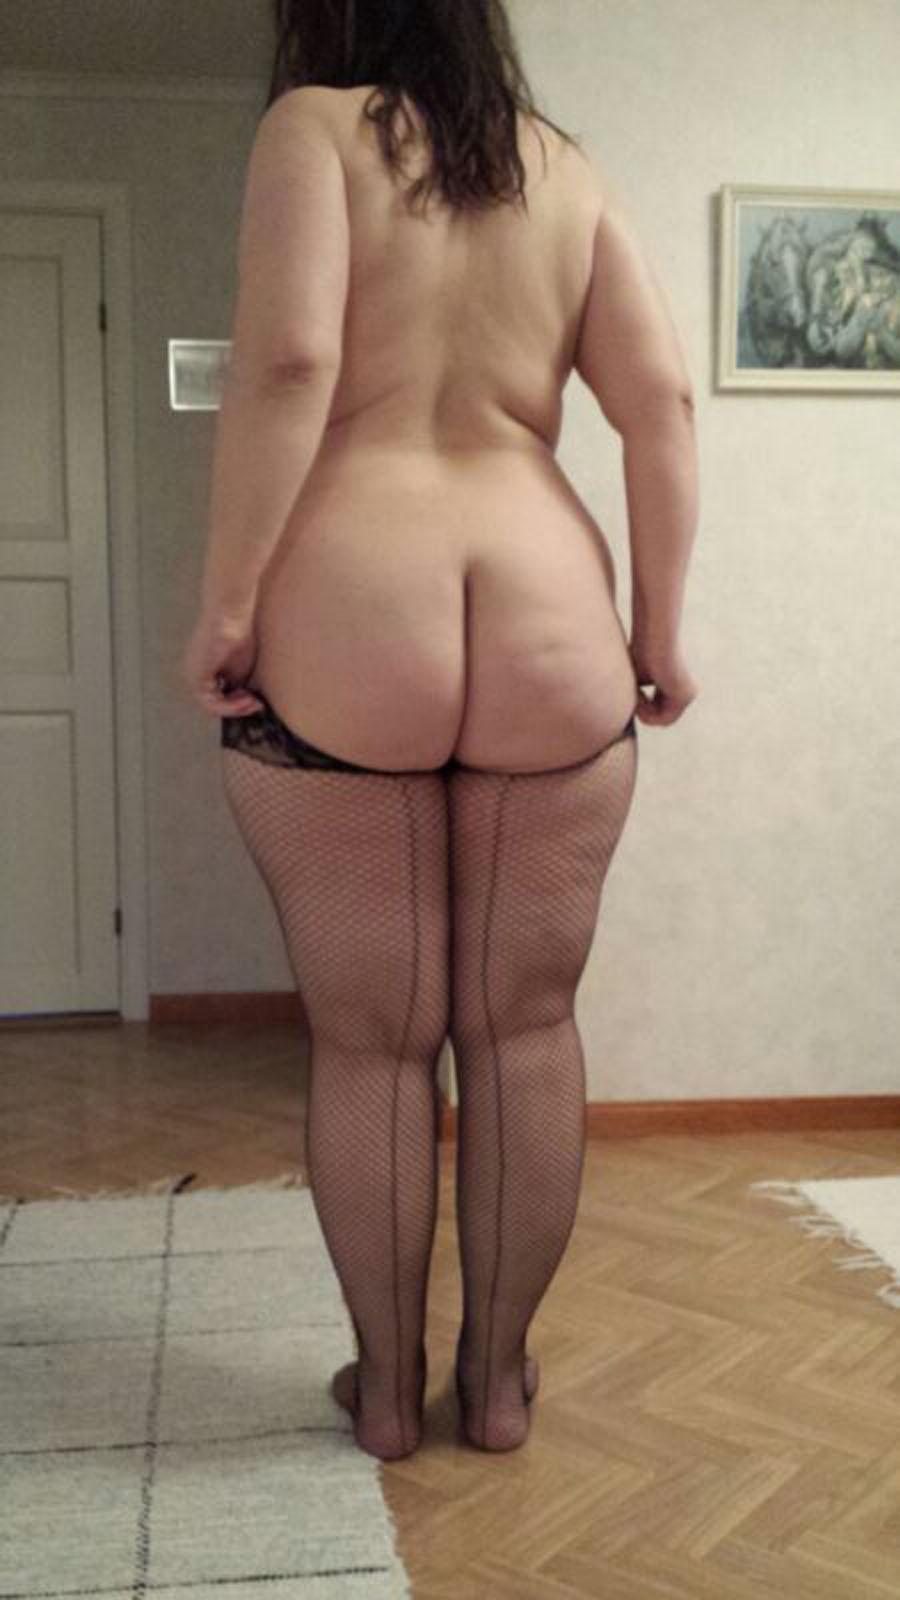 Attractive nude older women